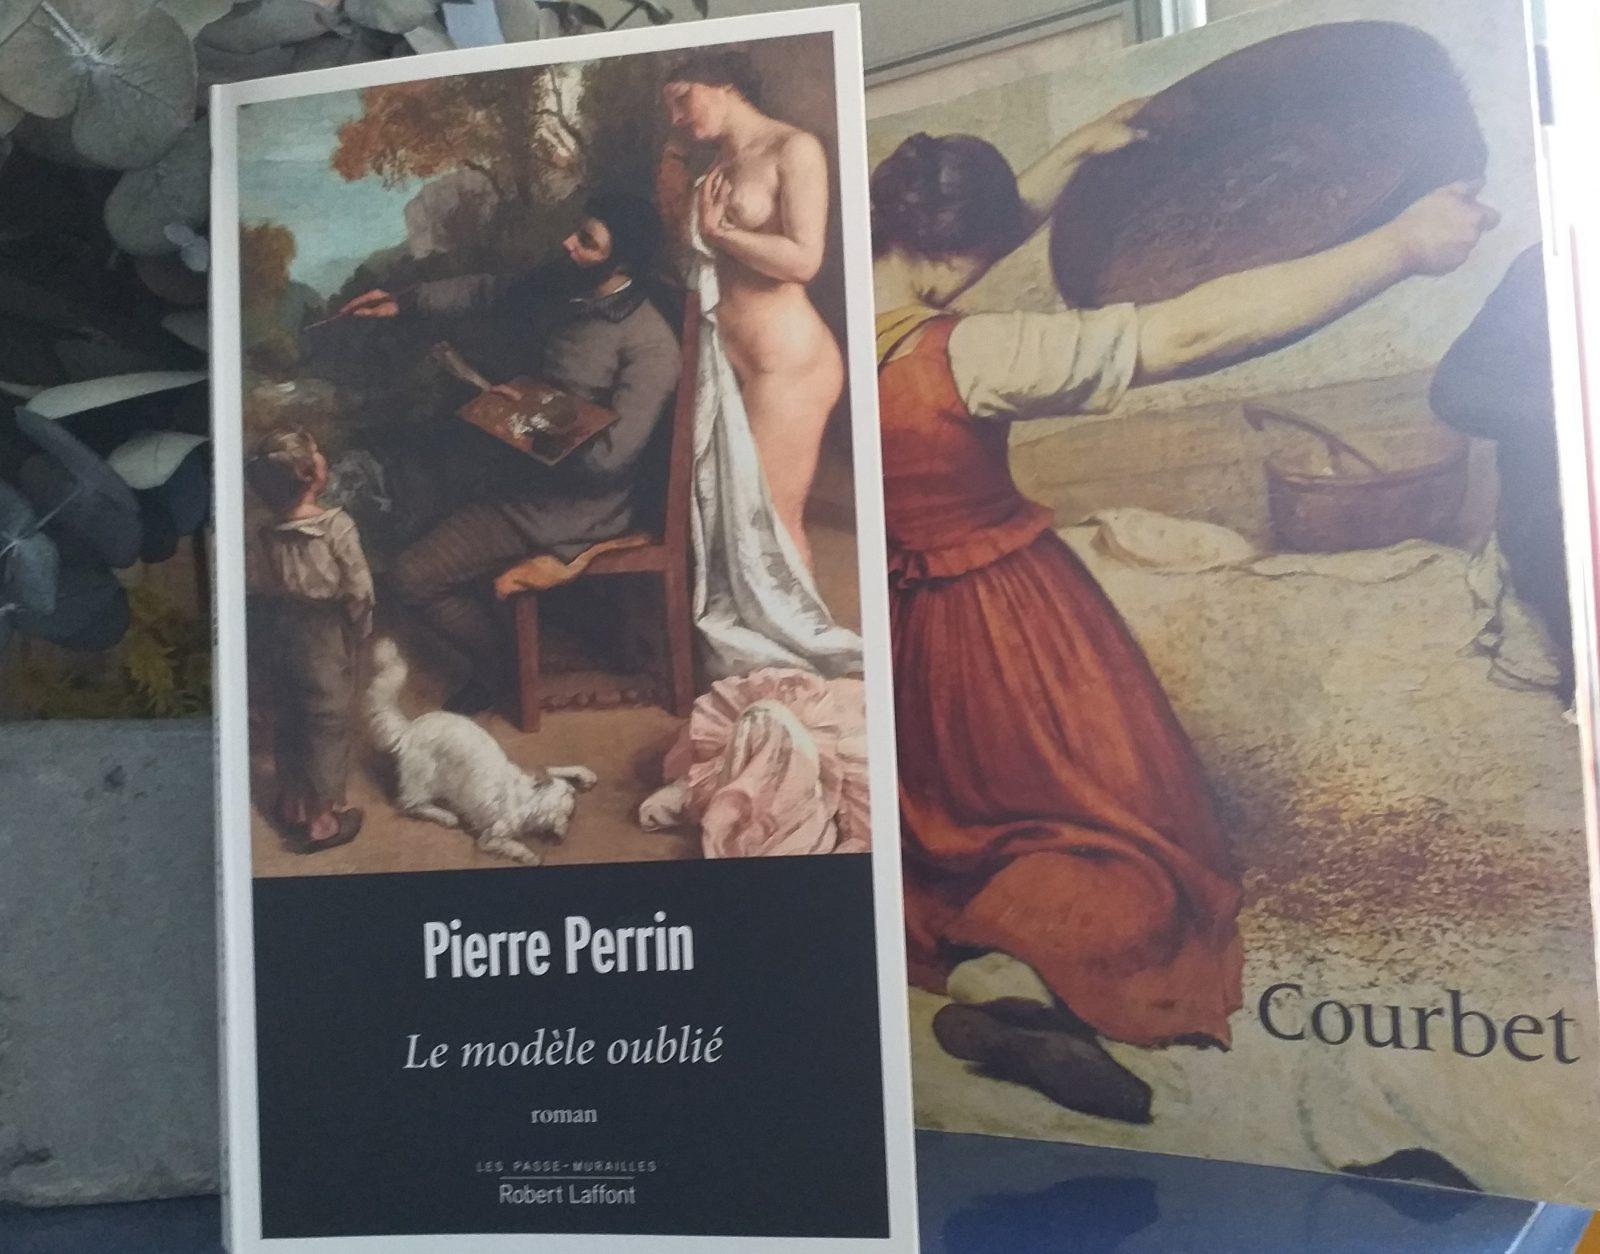 Qui était Virginie Binet, compagne de Courbet pendant 11 ans, avec qui elle a eu un fils ?